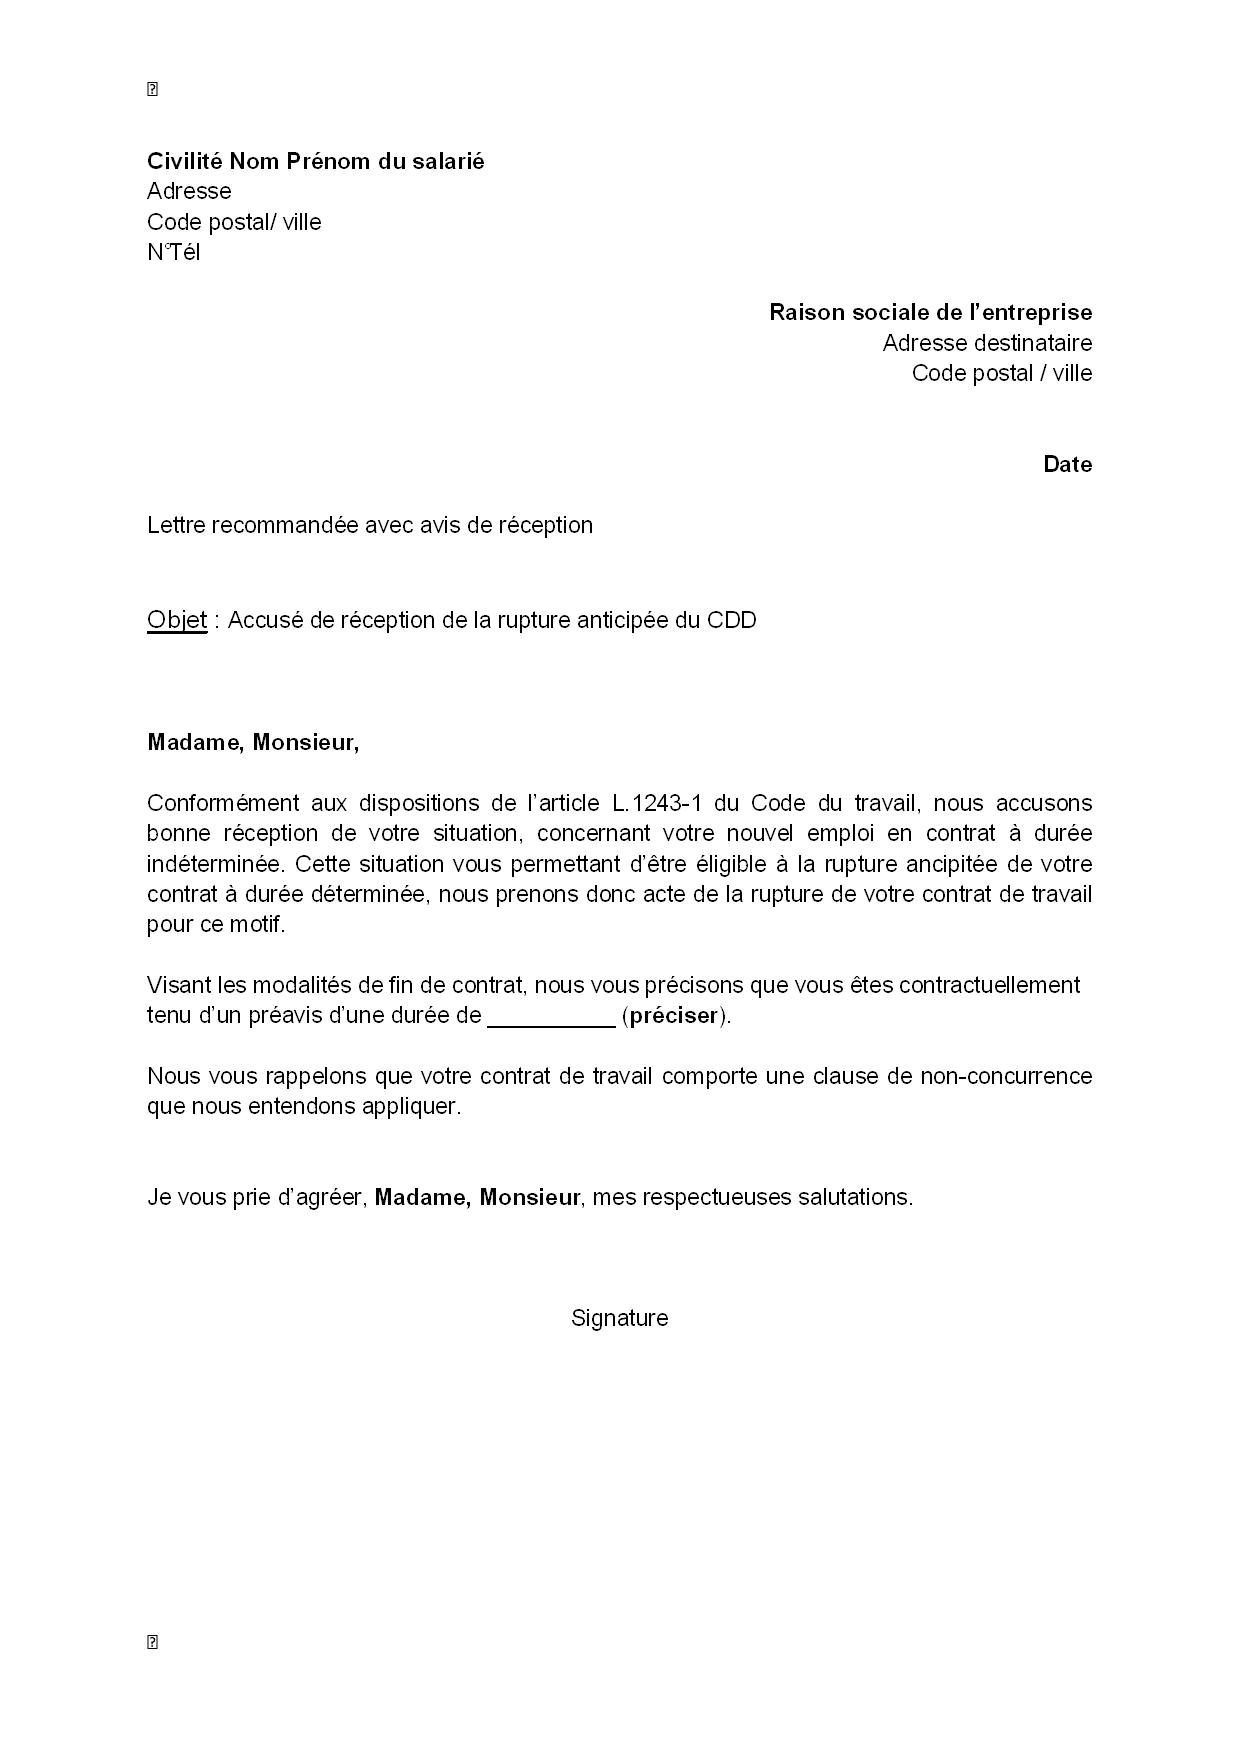 Super Lettre accusé de réception démission - Modèle de lettre ID43